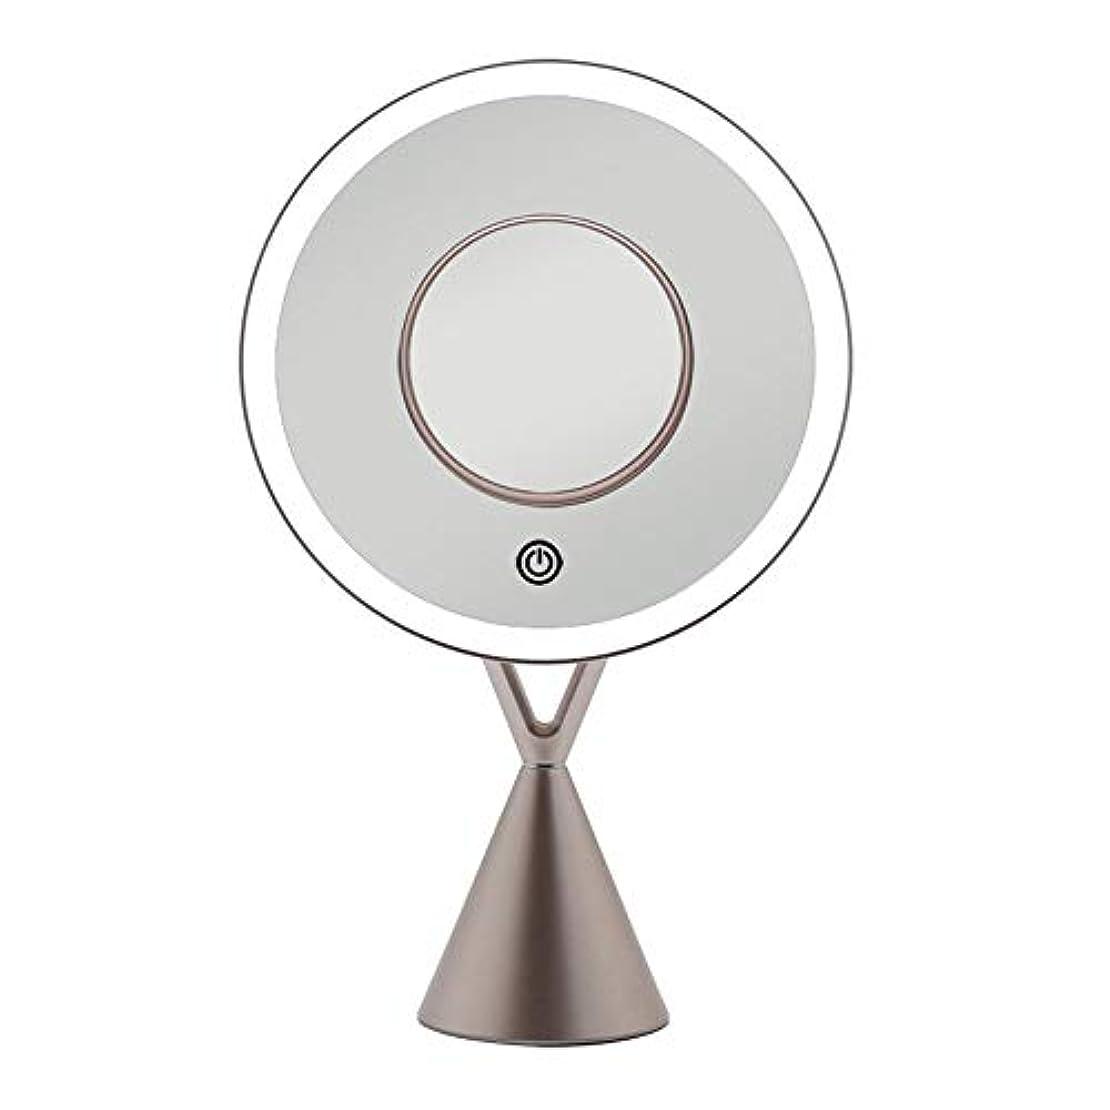 落花生コメンテーターユニークな流行の LEDフィルライトデスクトップミラー5倍磁気吸引拡大鏡45度自由調整ローズゴールドギフト